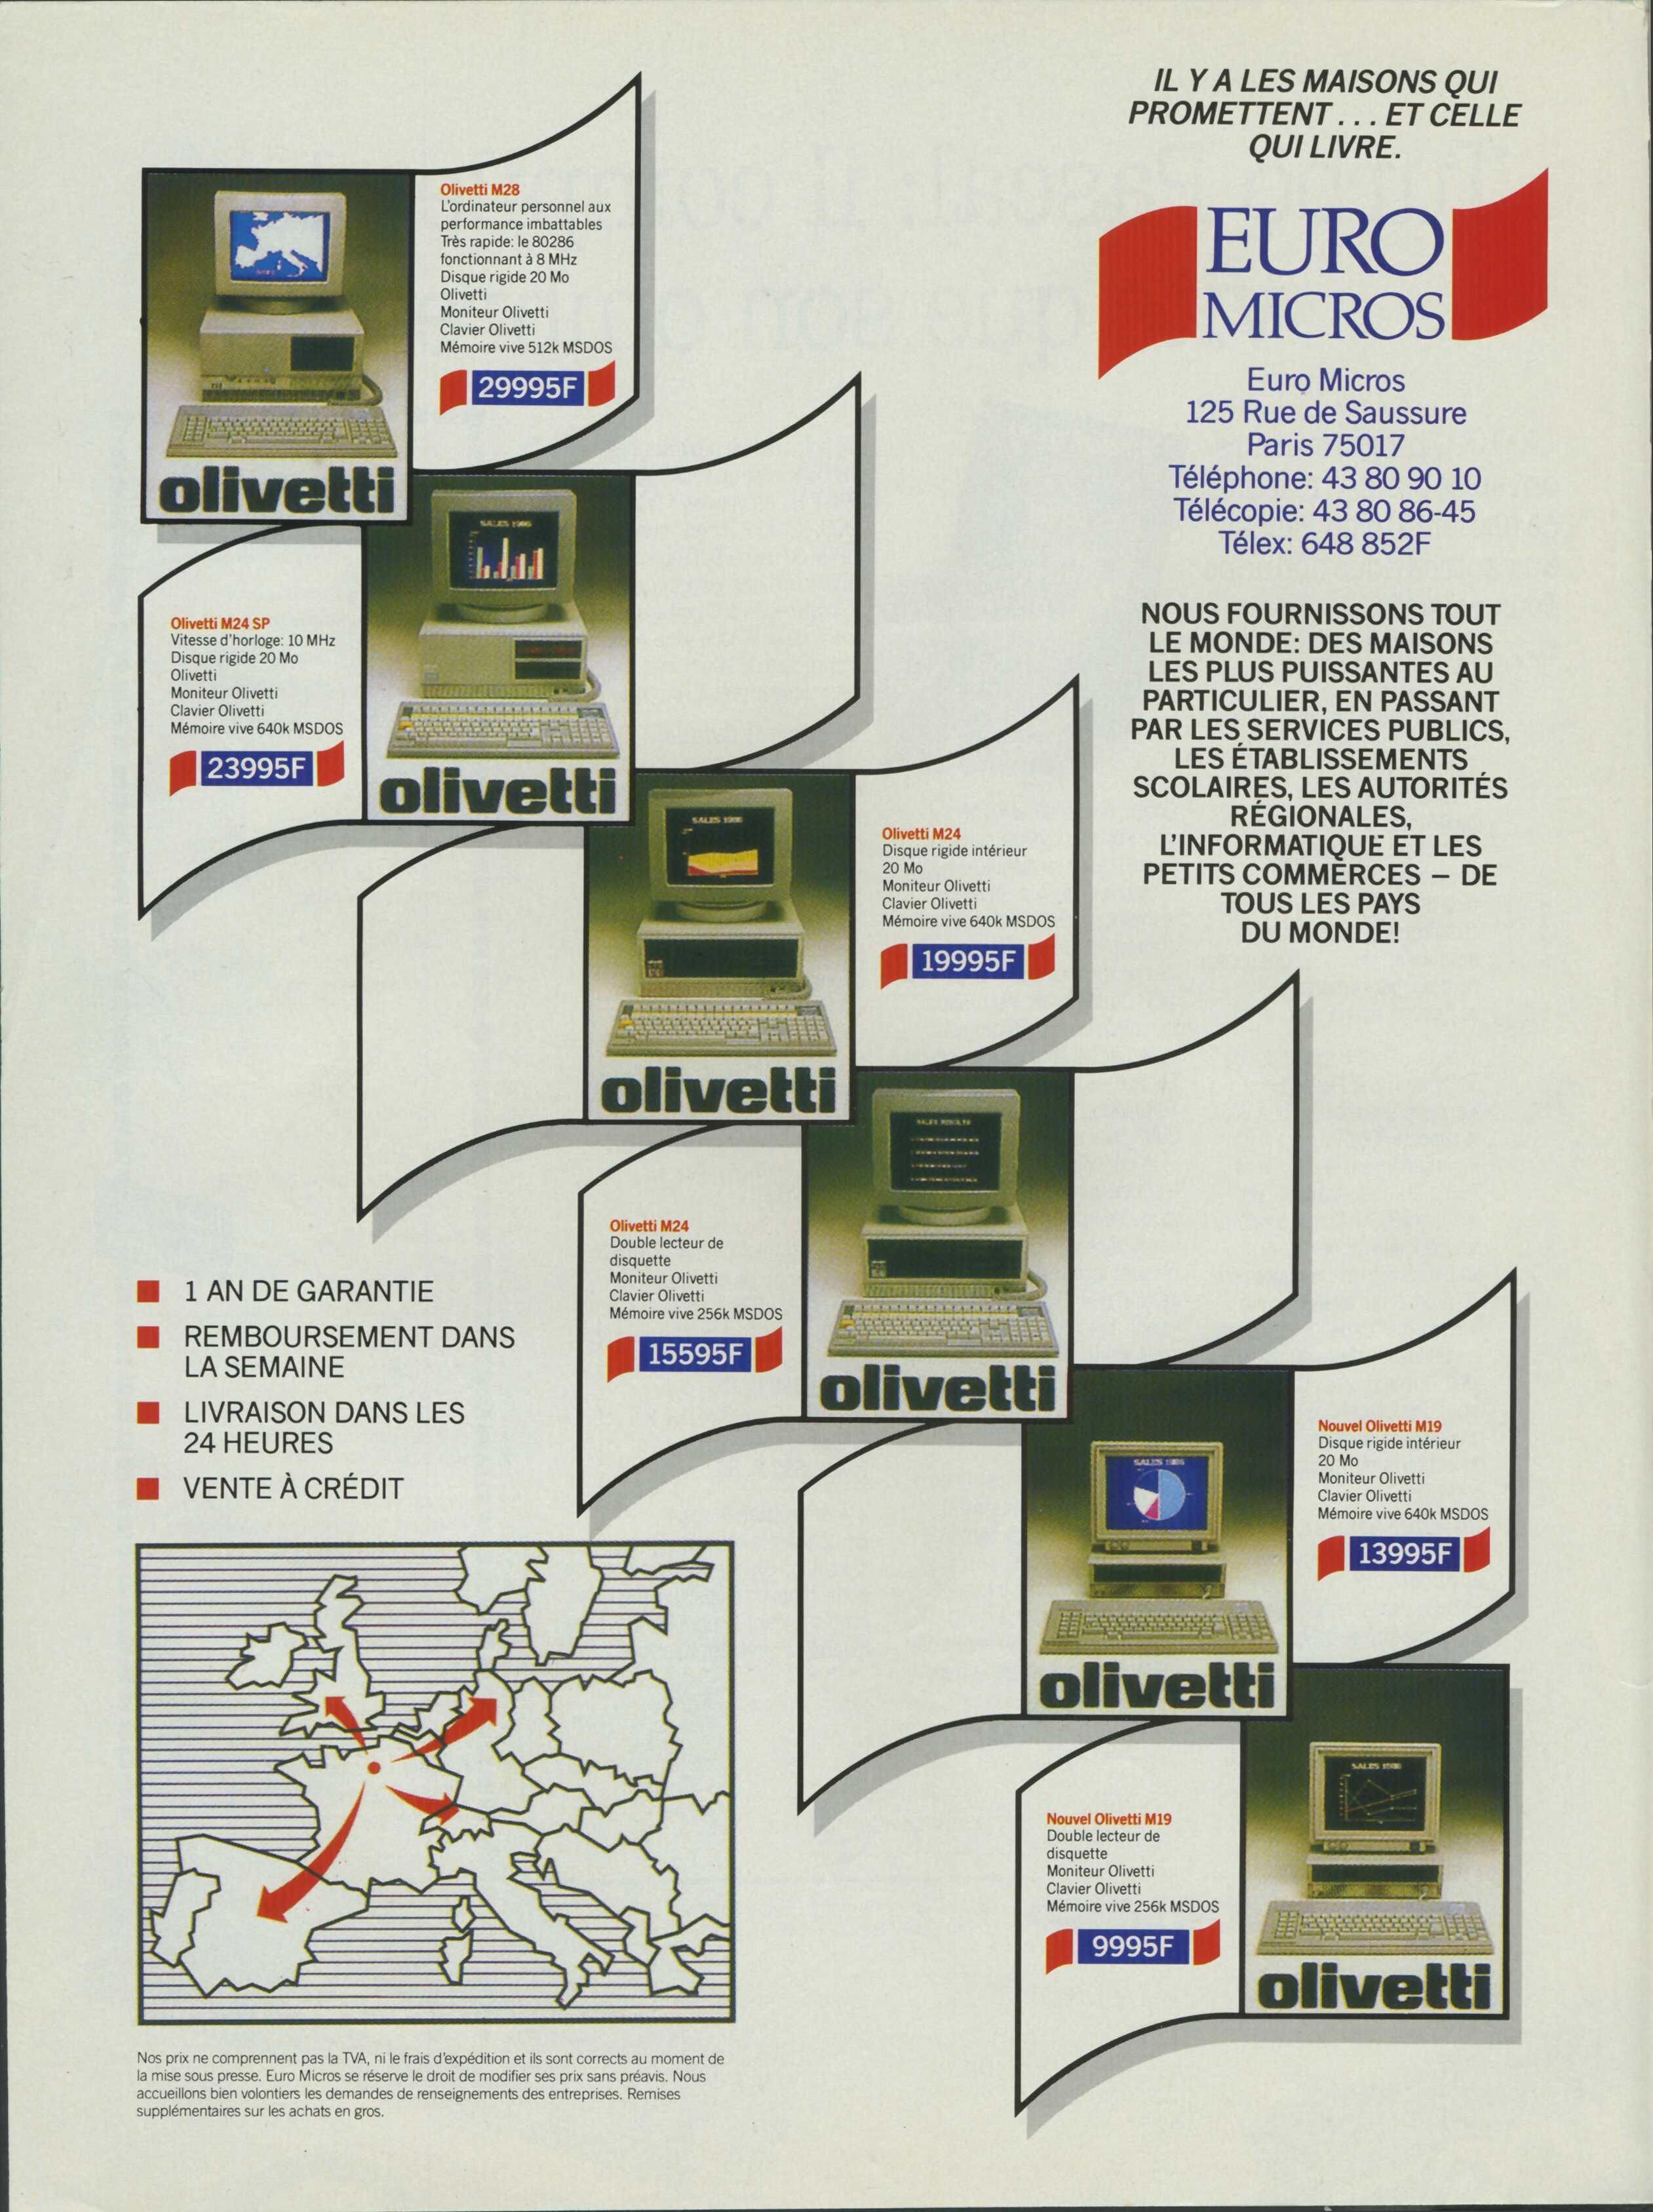 L'Amiga est trés surestimé comme machine de jeu Science%26Vie%20Micro%20035%20-%20Page%20004%20%281987-01%29